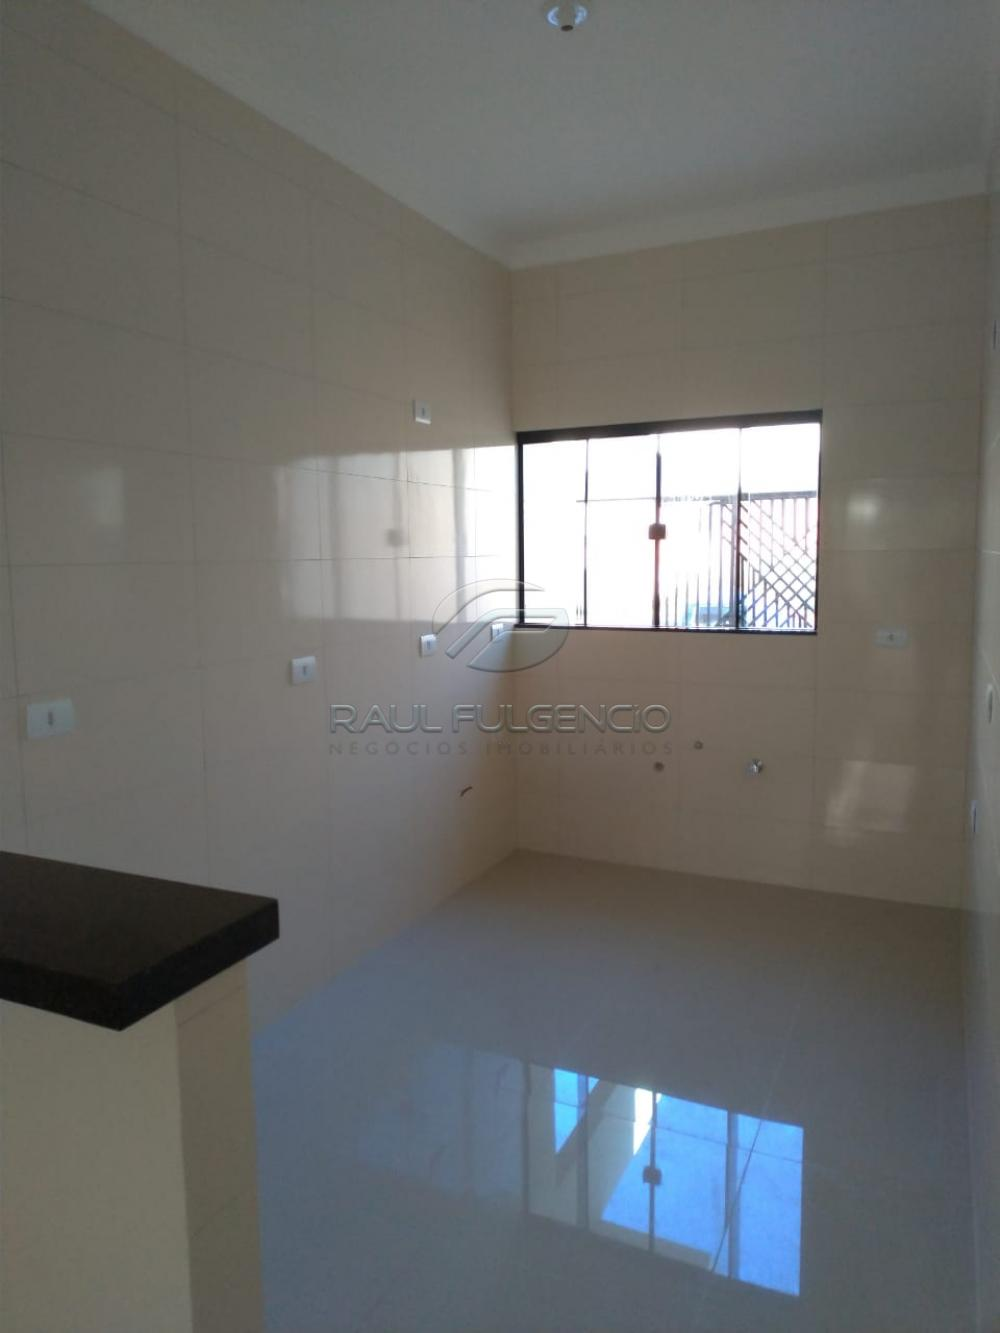 Comprar Casa / Térrea em Londrina apenas R$ 280.000,00 - Foto 1